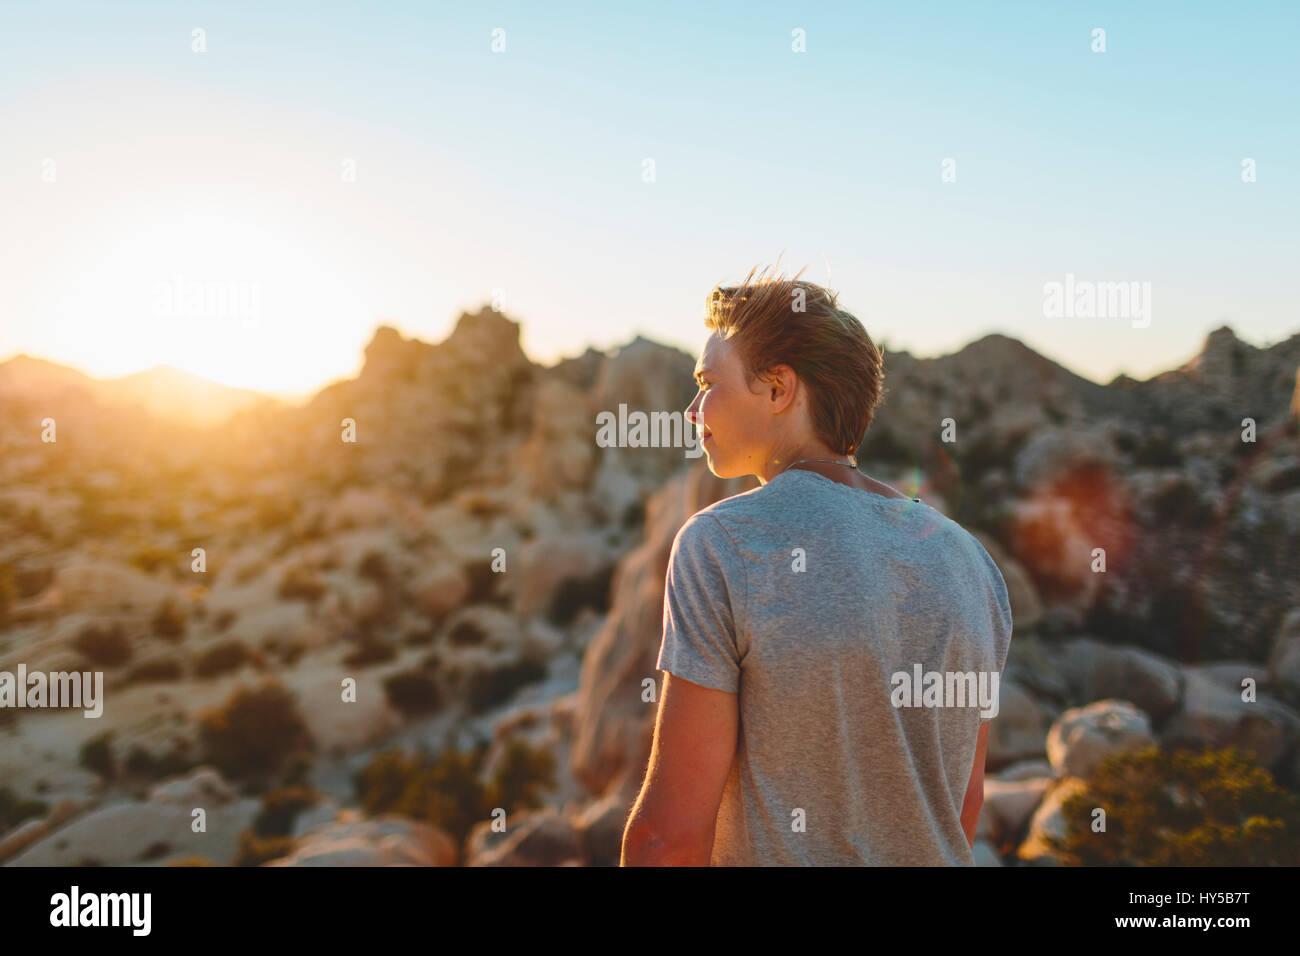 Stati Uniti, California, Joshua Tree National Park, giovane contemplando al tramonto Immagini Stock